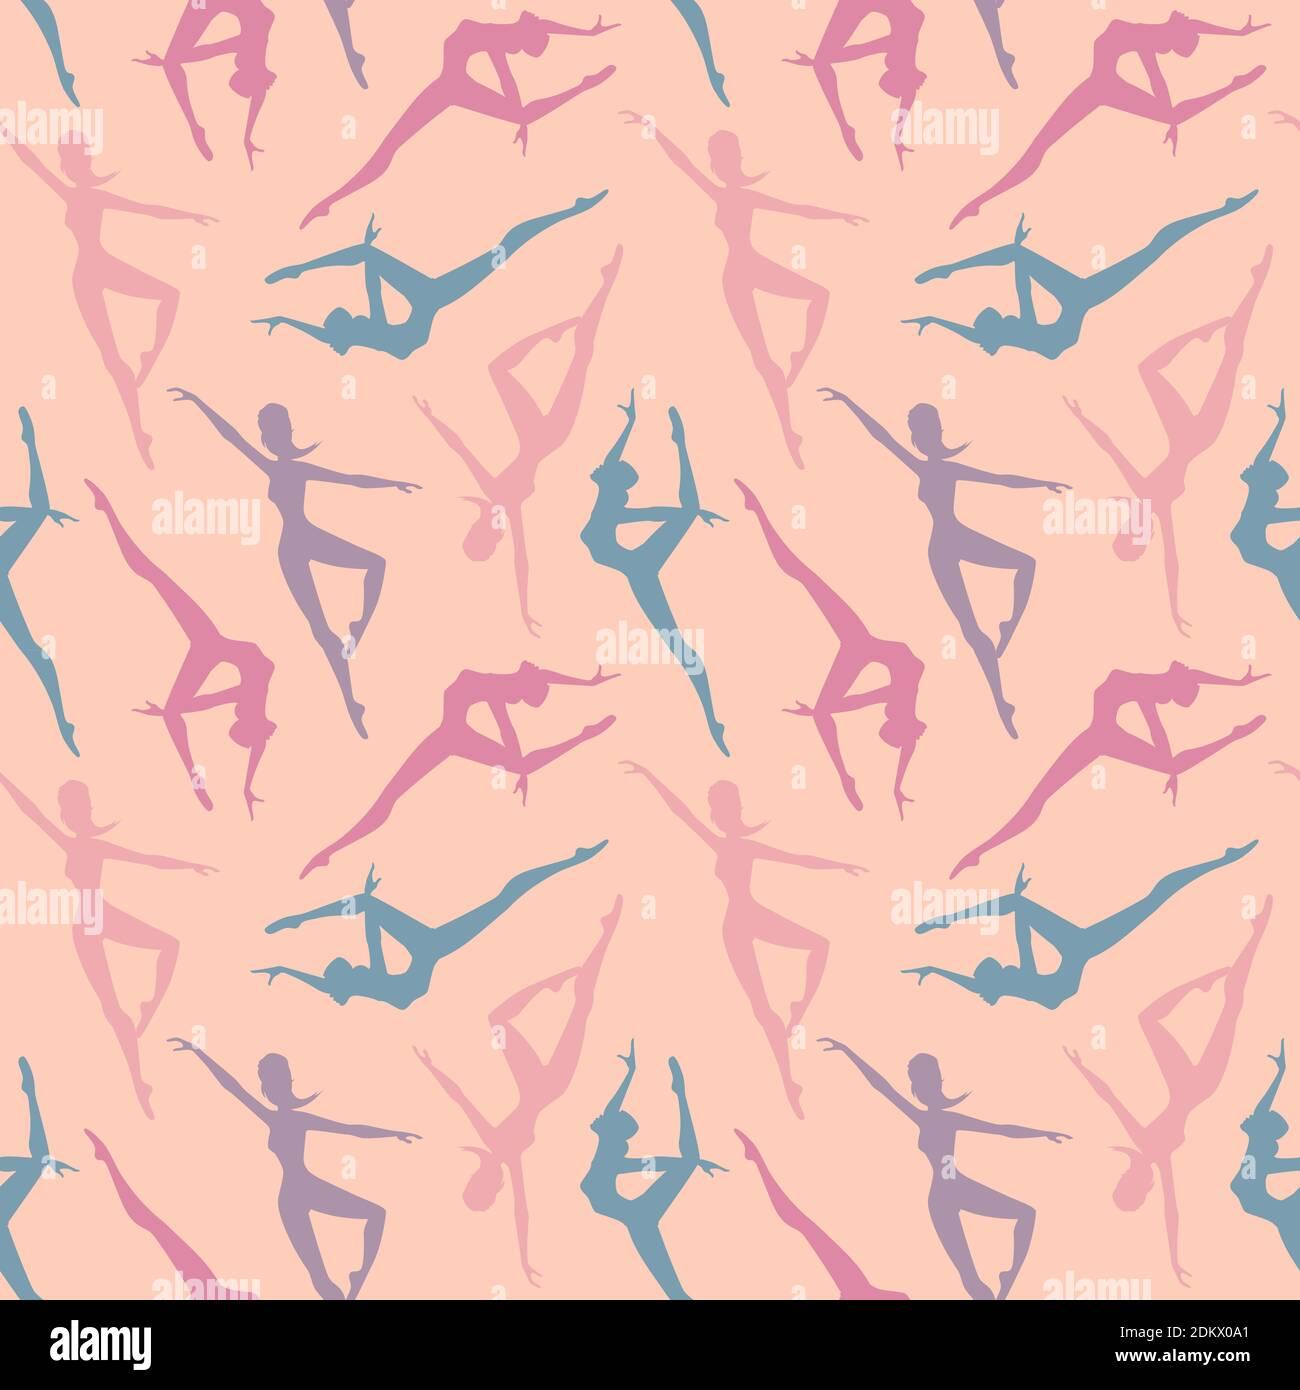 Motif vectoriel sans couture avec silhouettes ballerinas en rose, bleu et violet. Parfait pour le papier cadeau, le tissu, les vêtements, le textile, le textu de surface Illustration de Vecteur